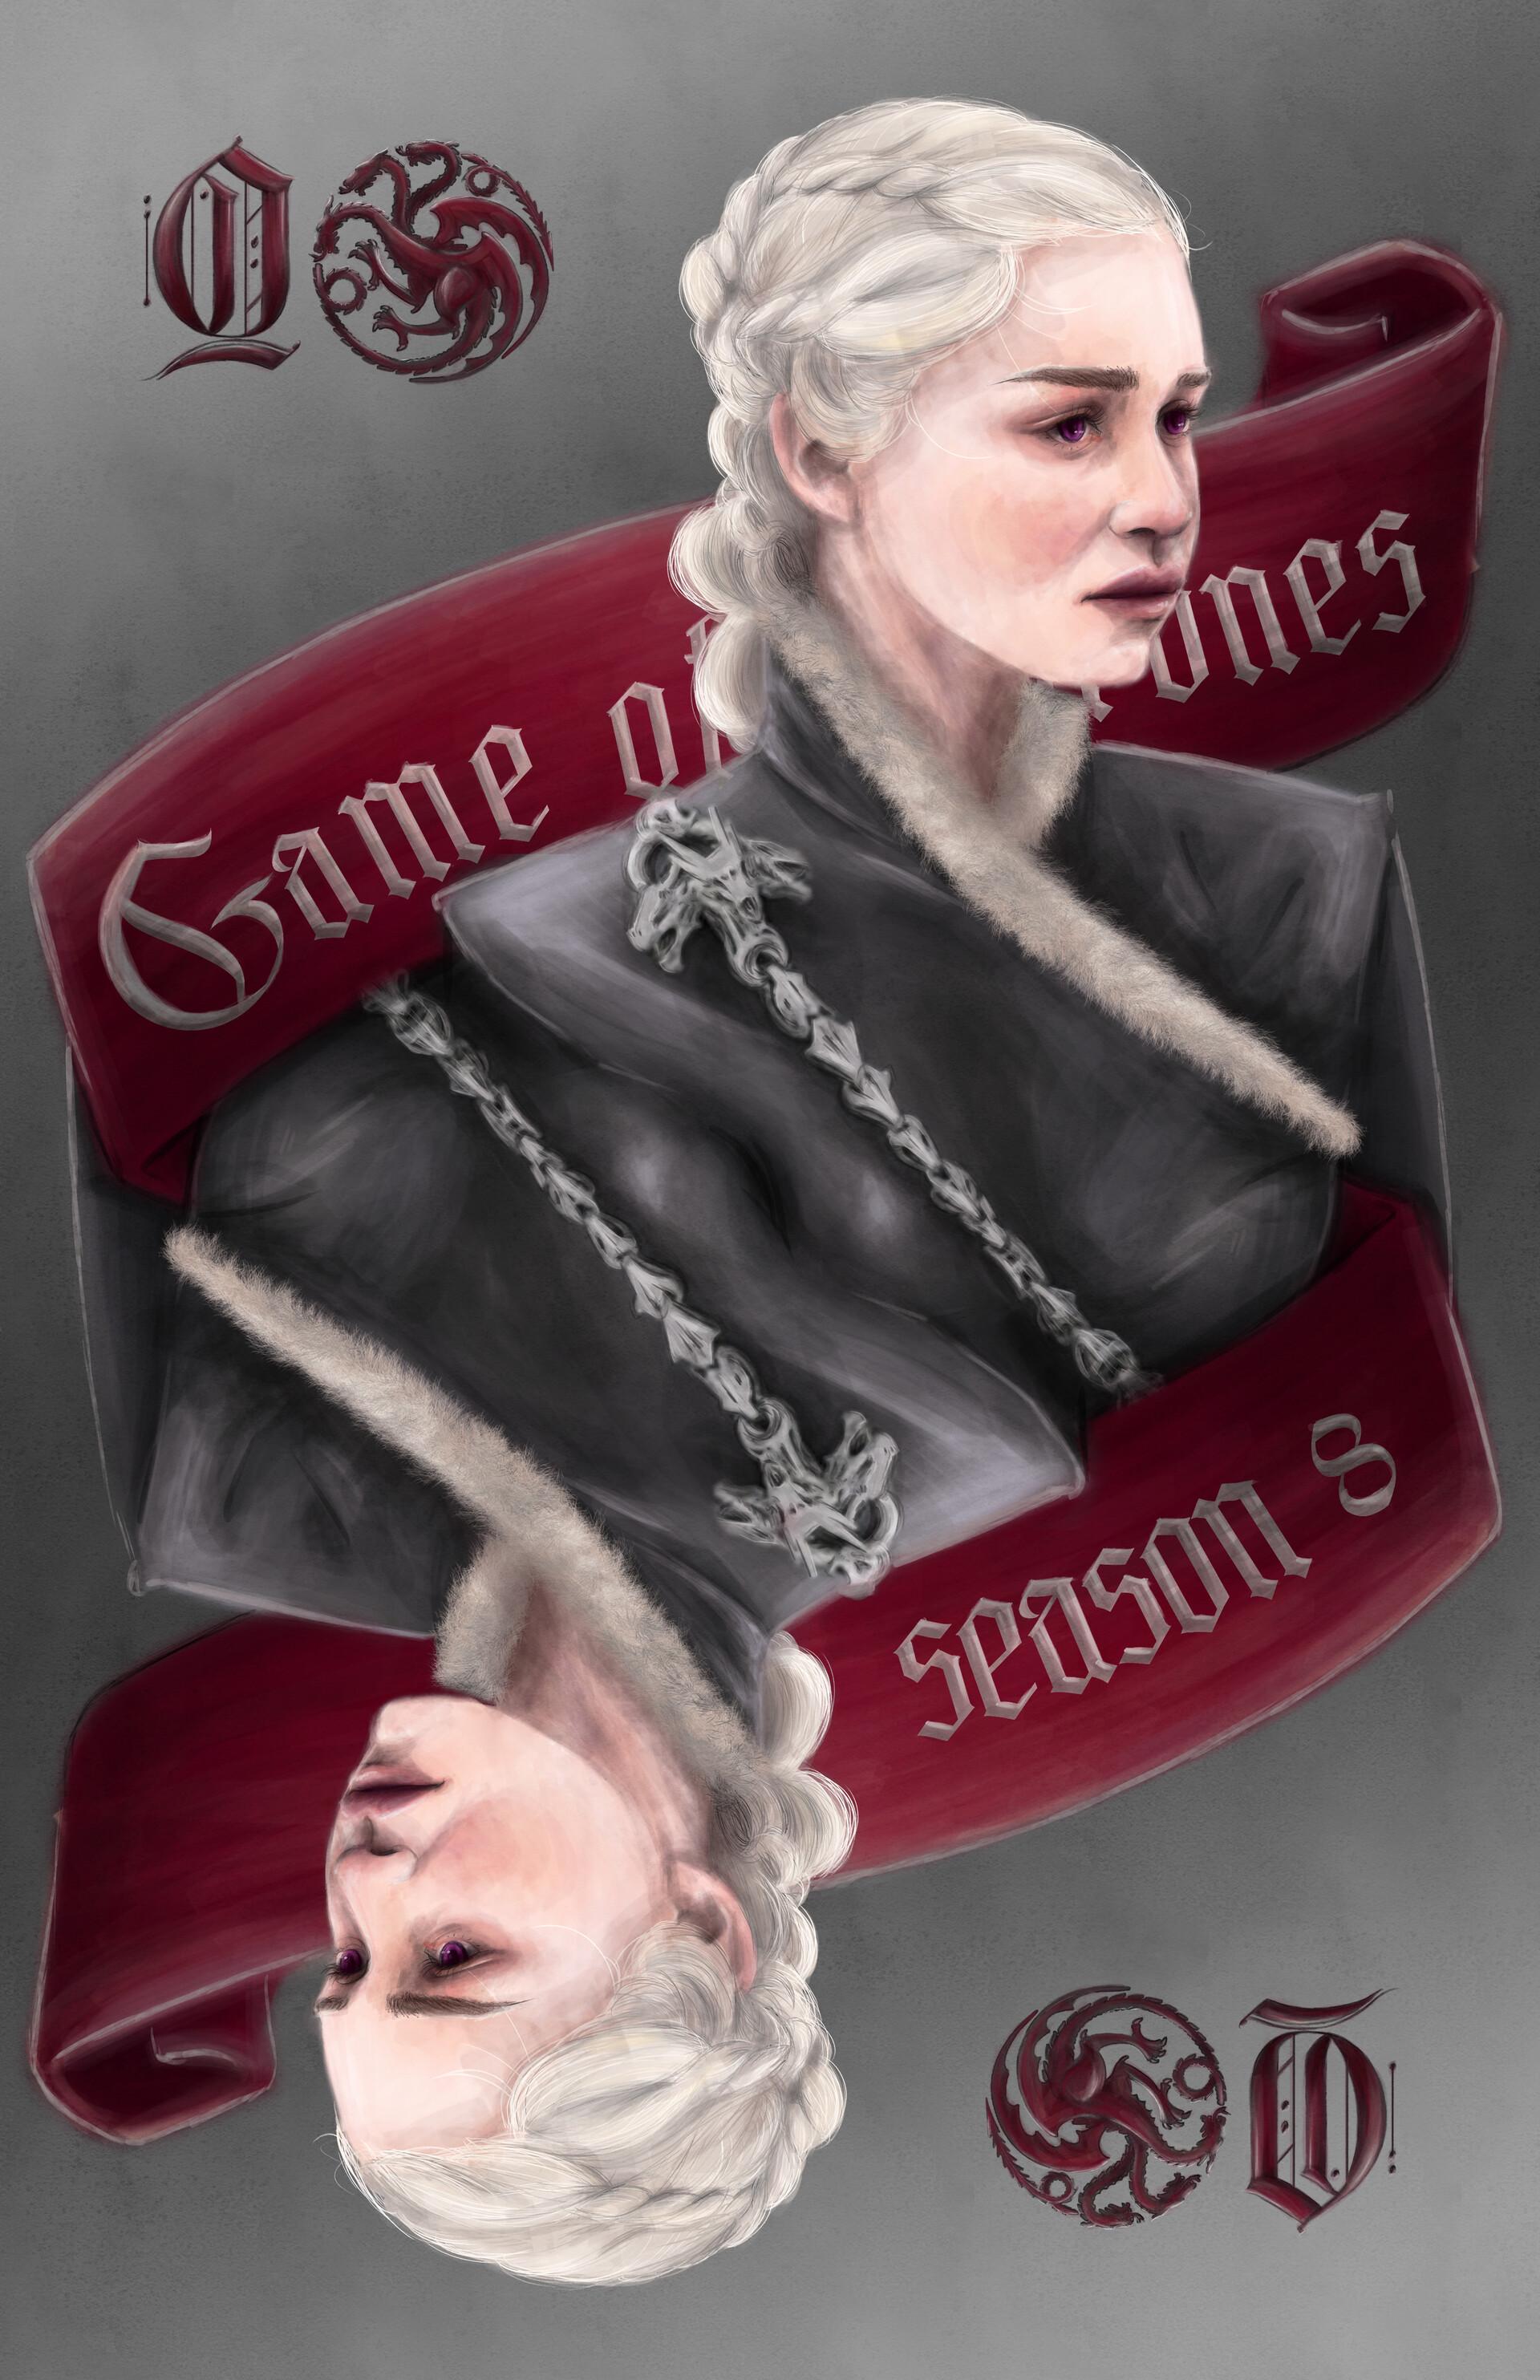 Alecs ganoria daenerys targaryen poster png